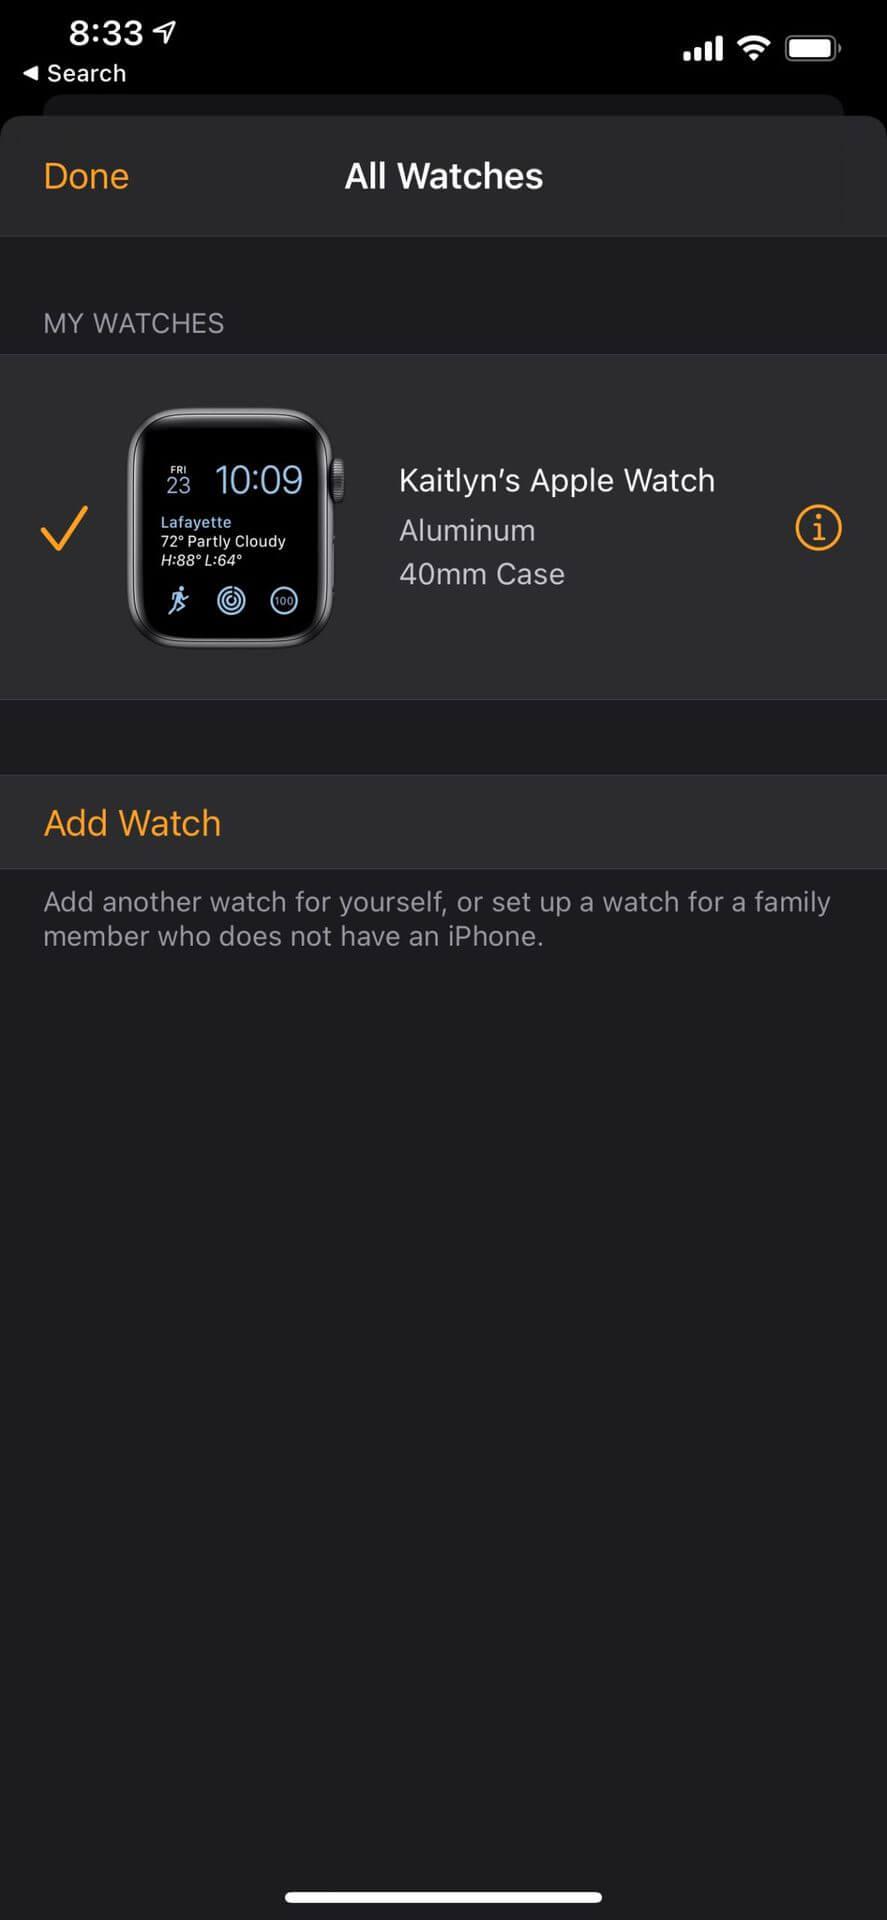 Ảnh chụp màn hình ứng dụng iPhone Watch liệt kê tất cả các thiết bị hiện được ghép nối